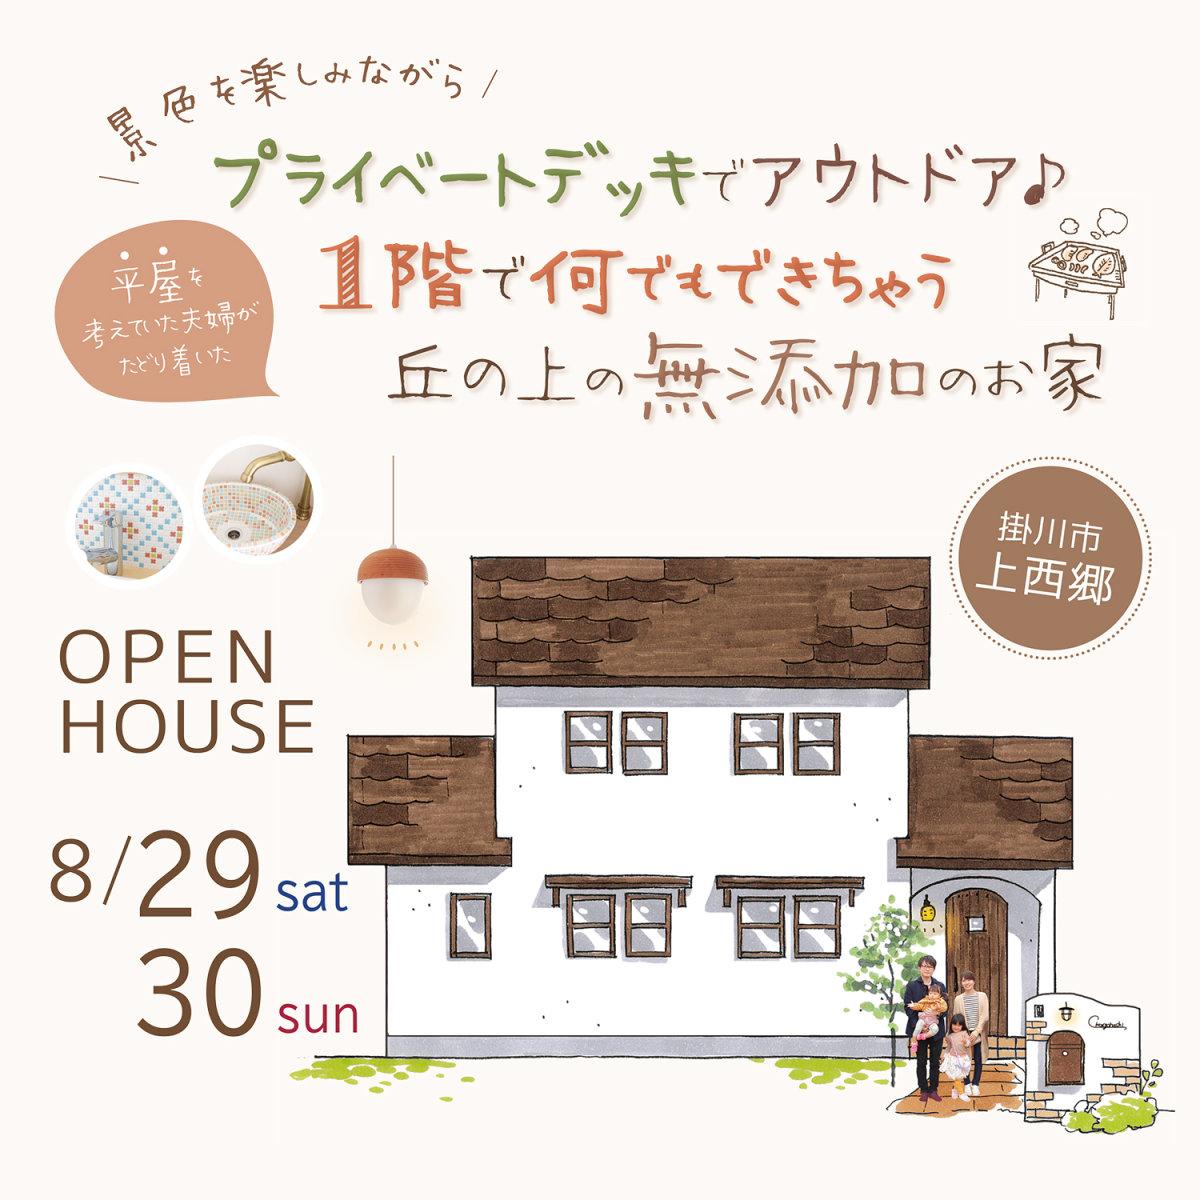 予約制*完成見学会 8月29日30日(土日) 掛川市上西郷 「プライベートデッキのある可愛いお家」